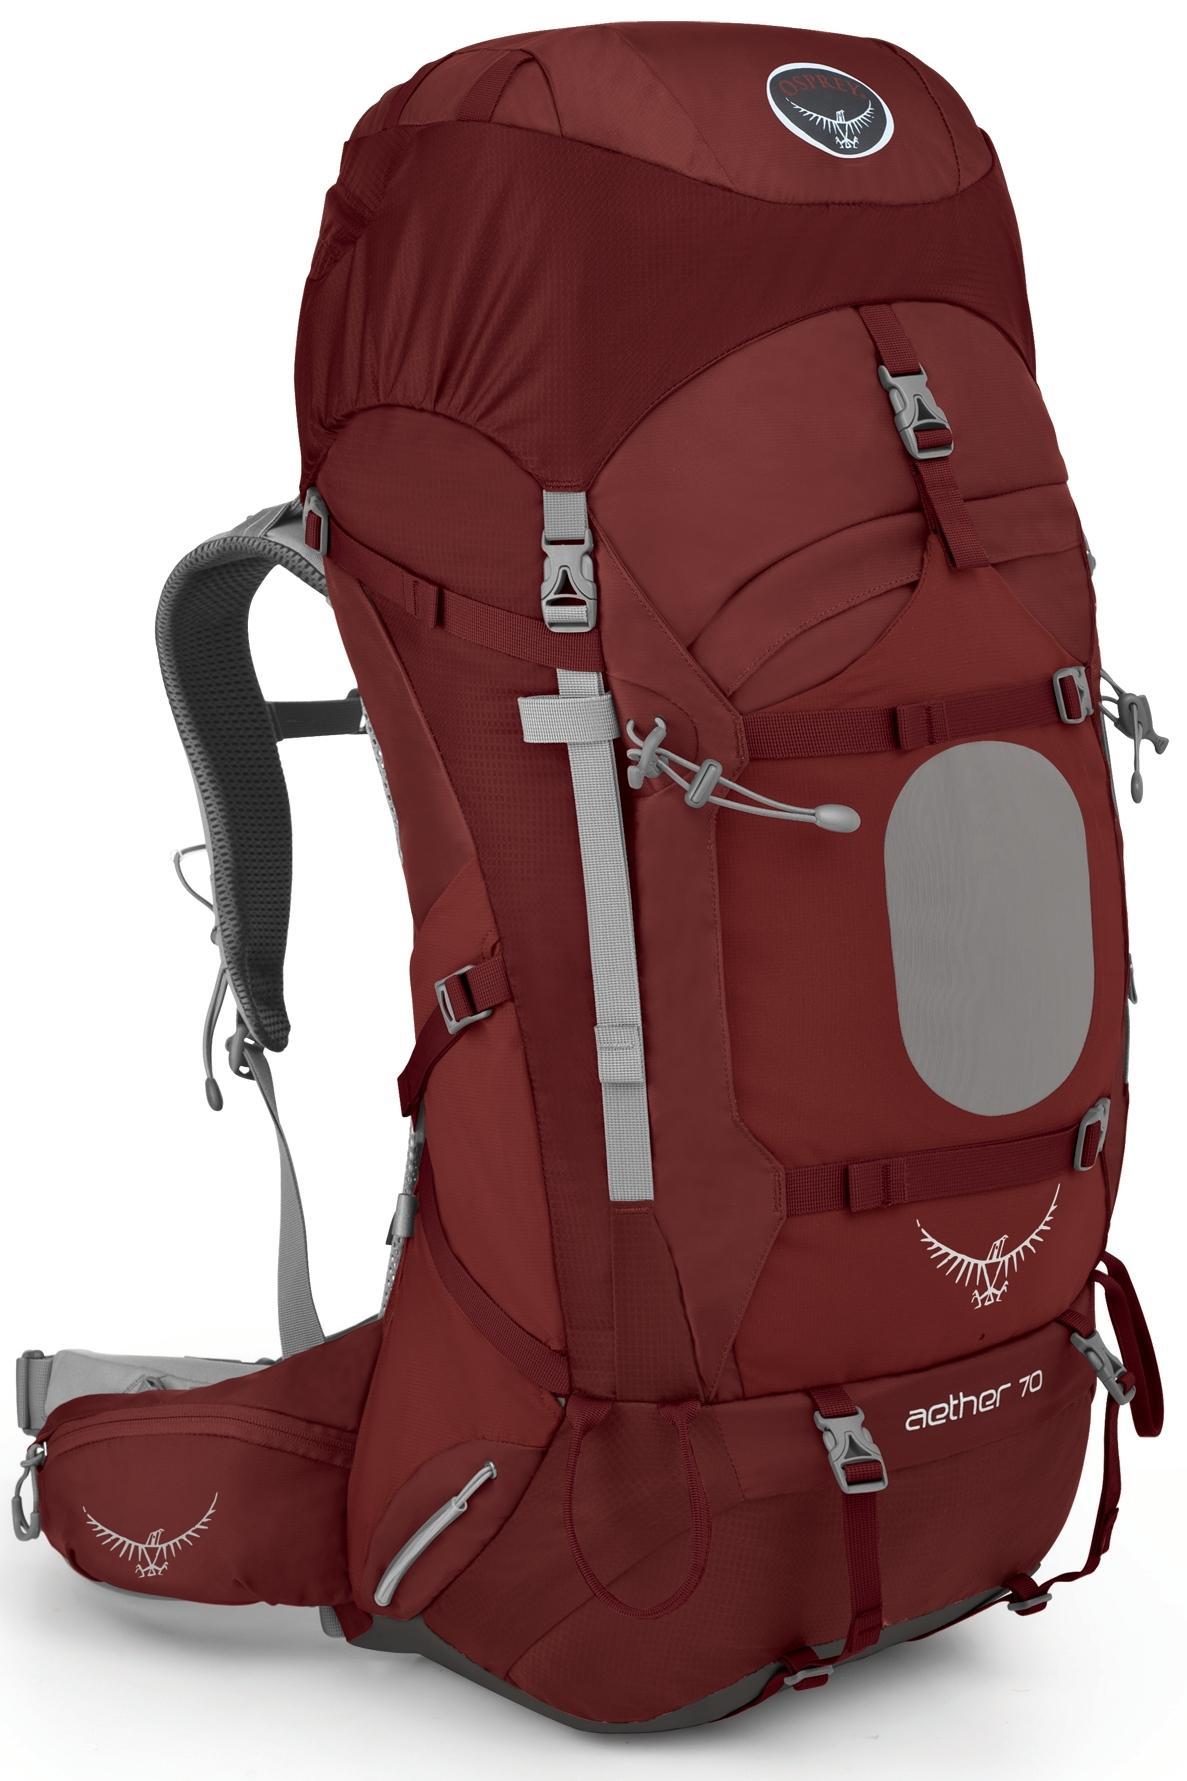 [ Osprey ] Aether 70 蒼穹 輕量專業登山健行大背包 Arroyo Red 紅色